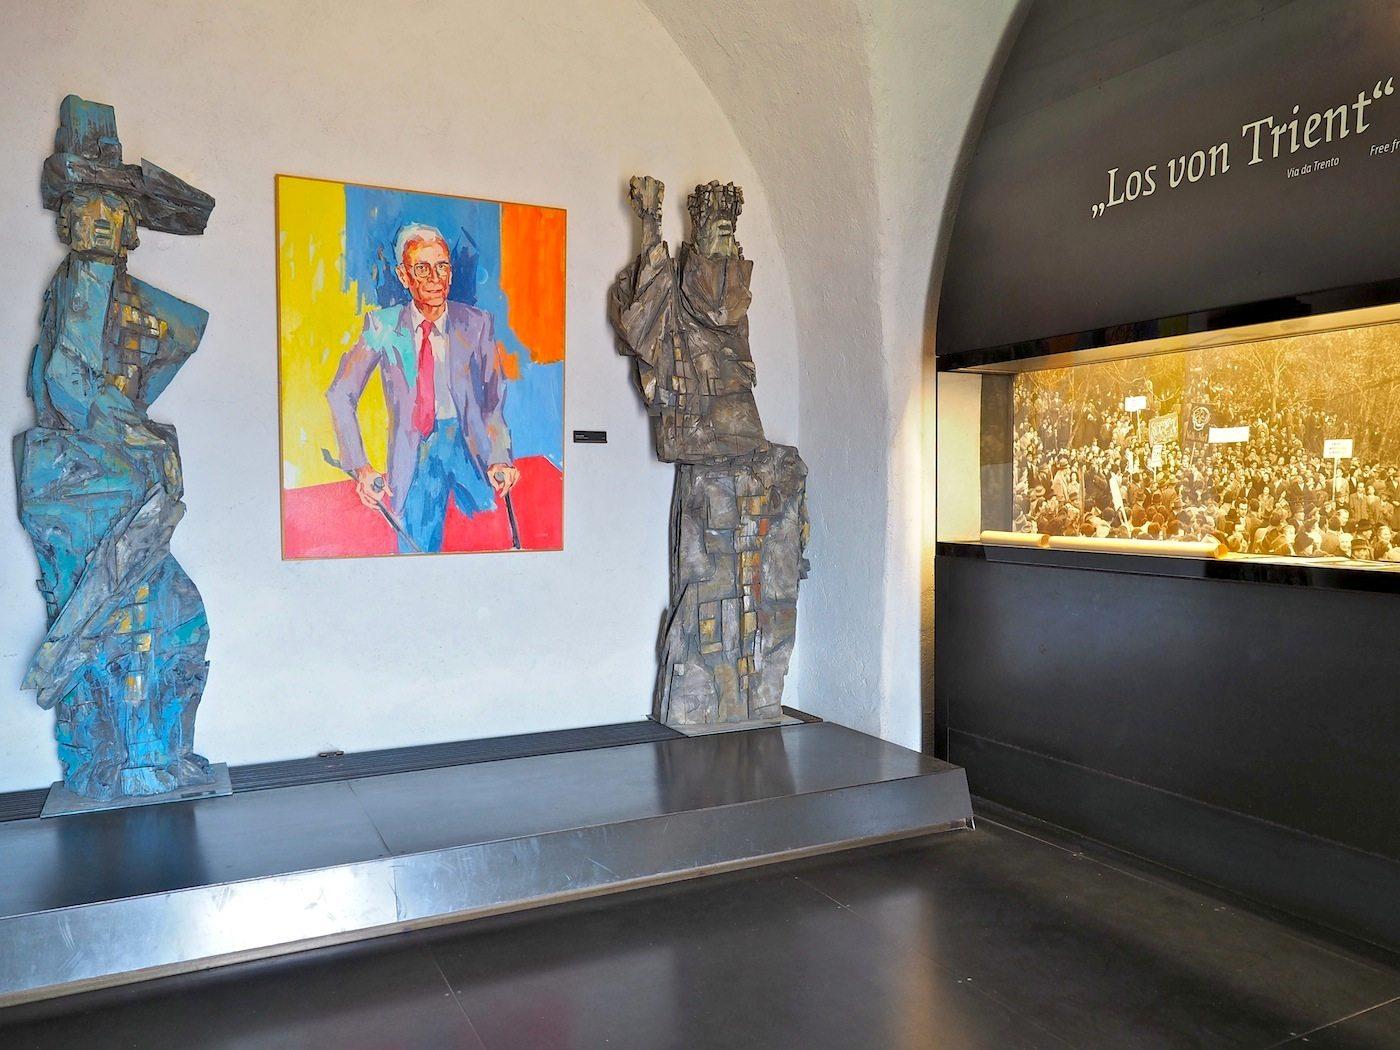 Legendärer Landeshauptmann..  Silvio Magnago, fast dreißig Jahre an der Spitze der Bozener Landesregierung, hat viel für Südtirols Autonomie erreicht, seit er 1957 mehr als 30 000 Landsleute auf Schloss Sigmundskron zur ersten Großdemo versammelte. Seinen Platz im Weißen Turm verdankt er nicht Reinhold Messner, gegen dessen Museumskonzept er sich wie eine große Mehrheit der nationalkonservativen Südtiroler ausgesprochen hat. Wohl auch, weil Messner sich als Regionalist, Europäer und Weltbürger versteht.